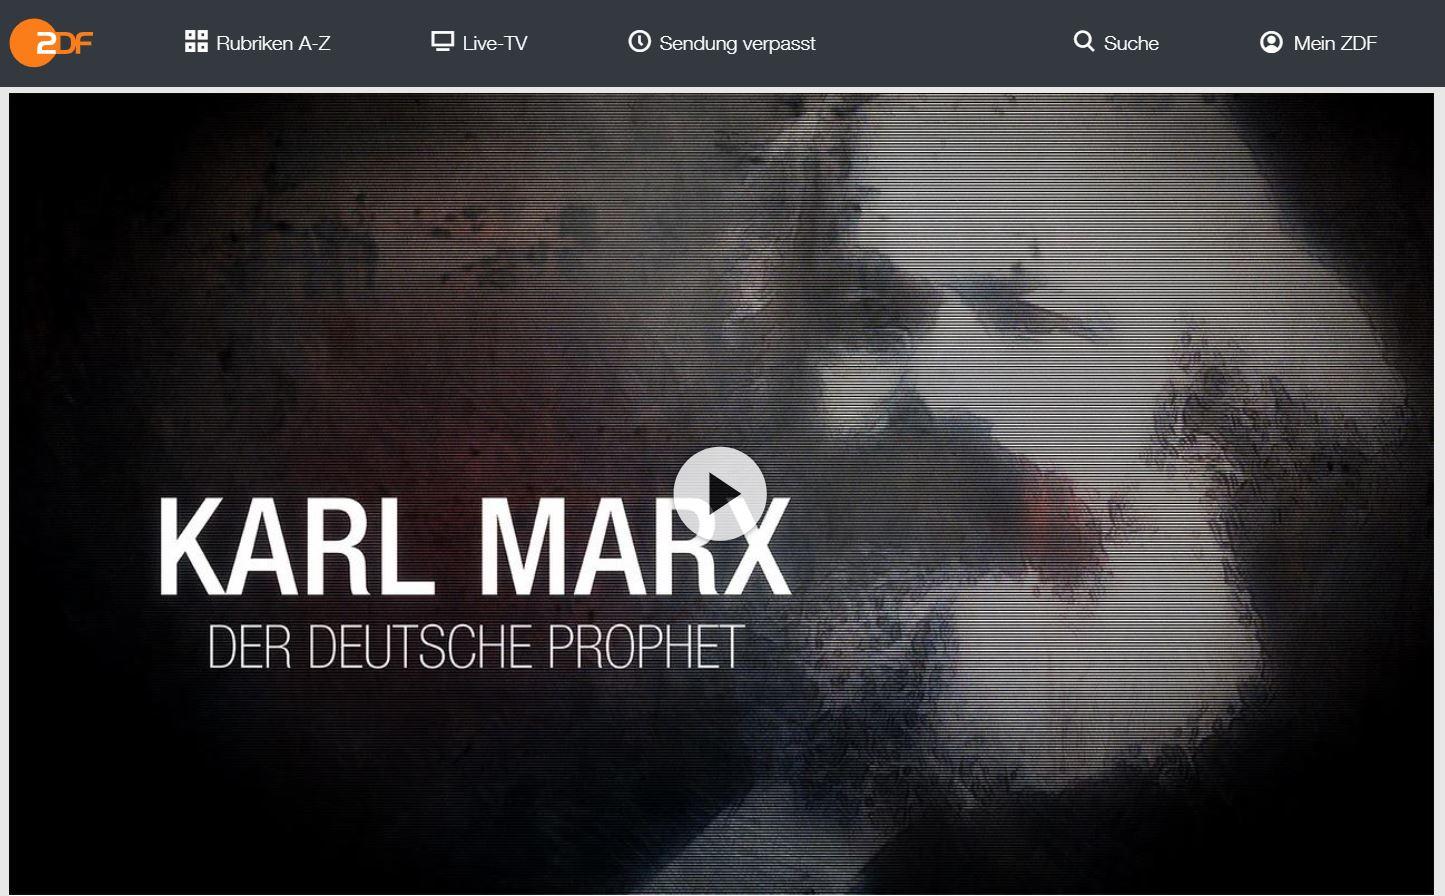 ZDF-Doku: Karl Marx - der deutsche Prophet | Dokudrama mit Mario Adorf